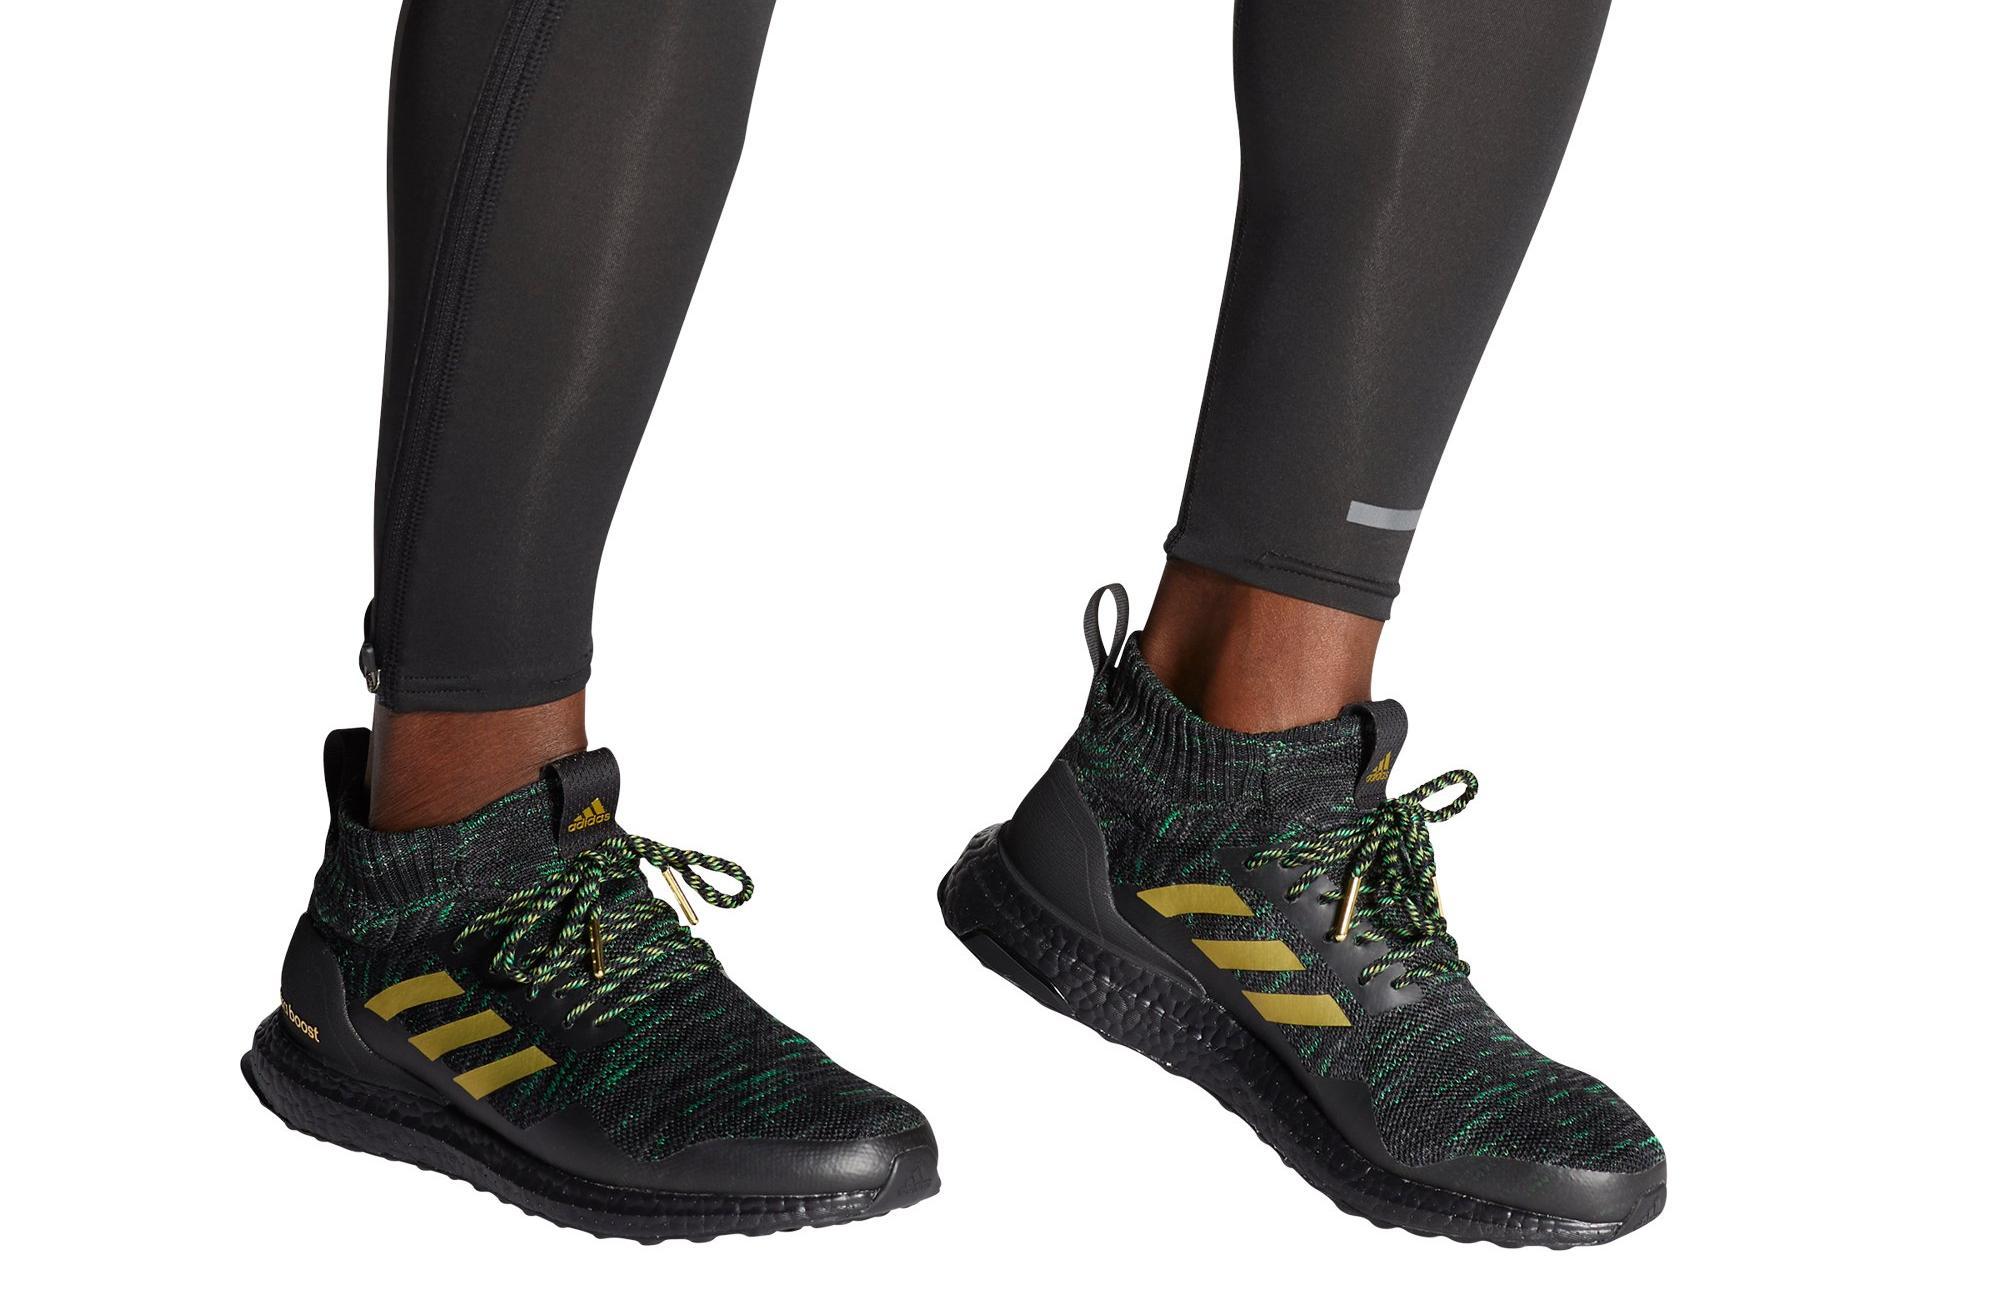 """Sneakers Release – adidas Ultraboost DNA X PE Mid """"Von Miller ..."""